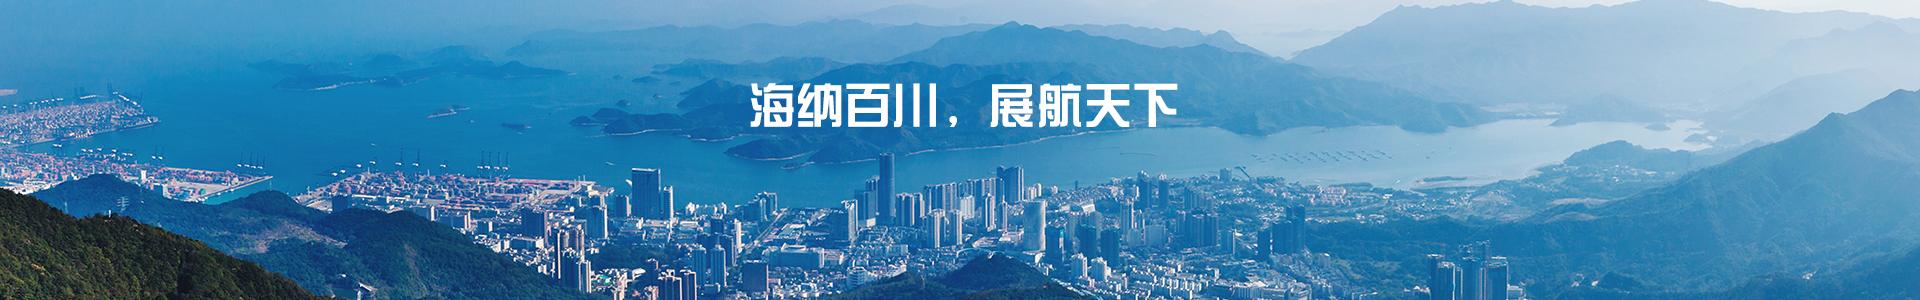 连云港进口货运